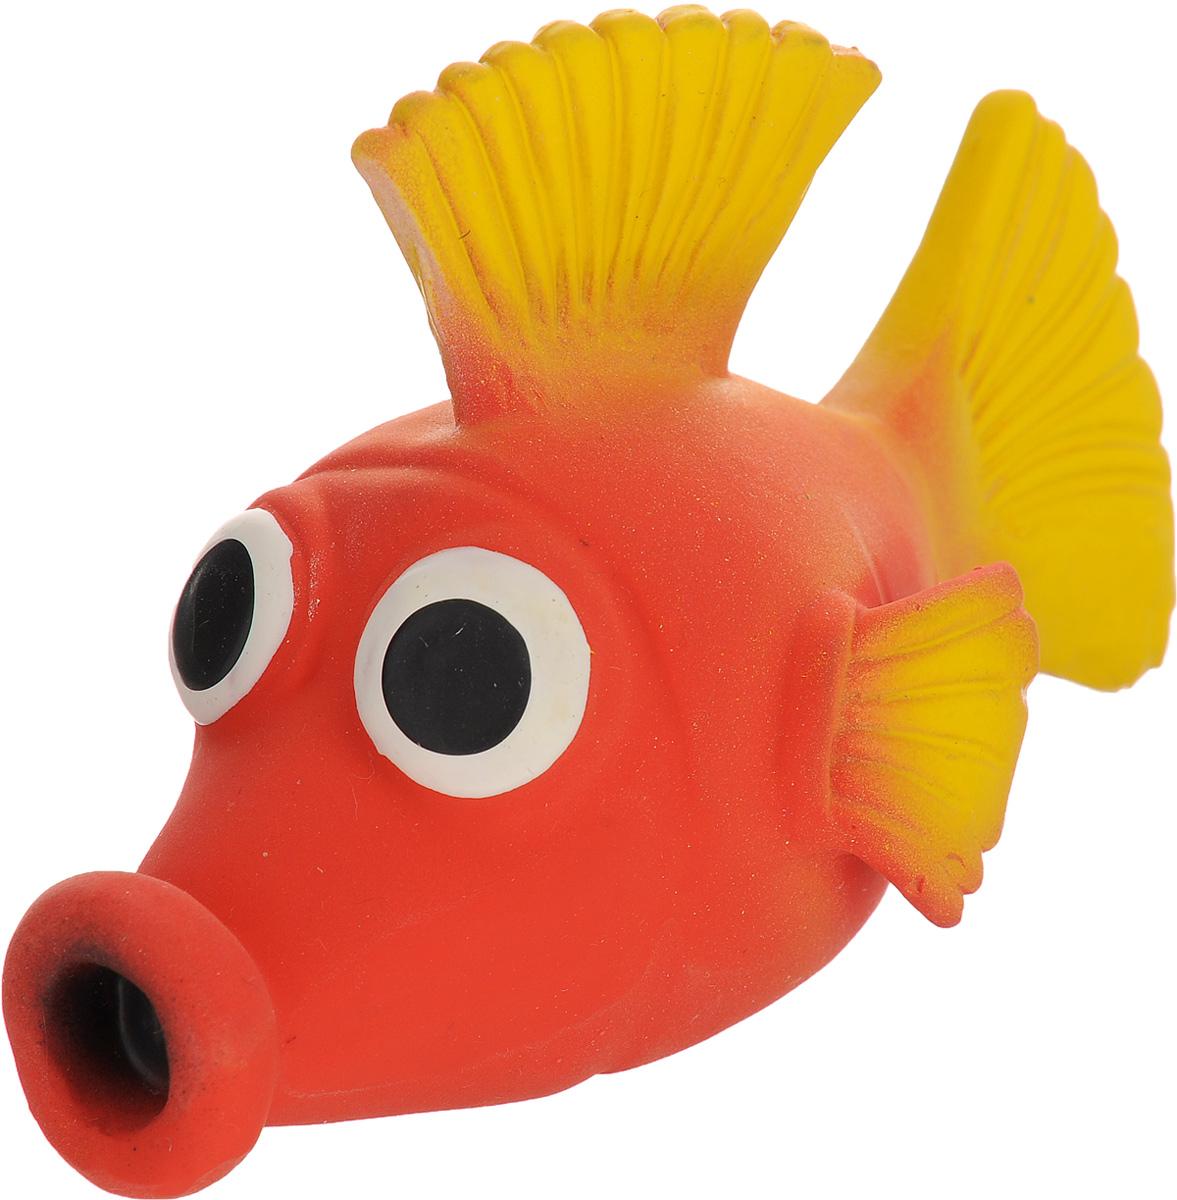 Игрушка для собак Beeztees I.P.T.S. Рыбка, цвет: красный, желтый0120710Игрушка для собак Beeztees I.P.T.S. изготовлена из безопасного латекса в форме забавной рыбки с большими глазами. Игрушка снабжена пищалкой. Предназначена для игр с собаками разных возрастов. Такая игрушка привлечет внимание вашего любимца и не оставит его равнодушным.